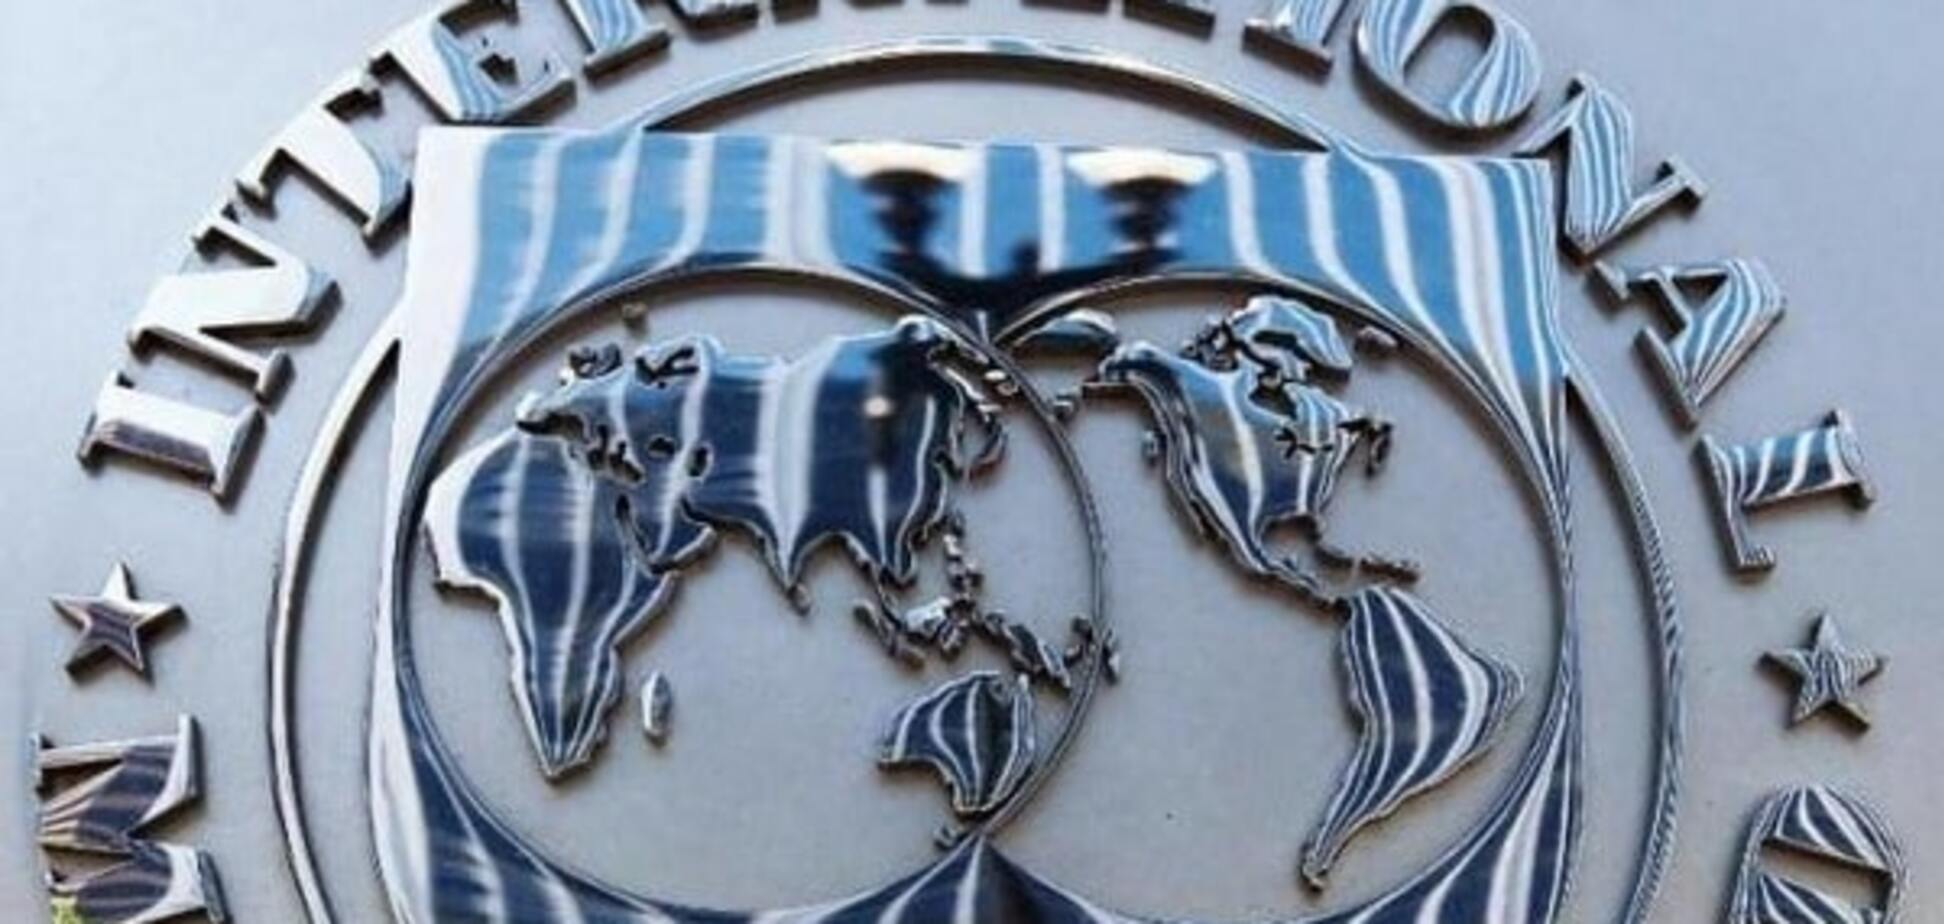 МВФ официально включил вопрос Украины в повестку дня - Порошенко